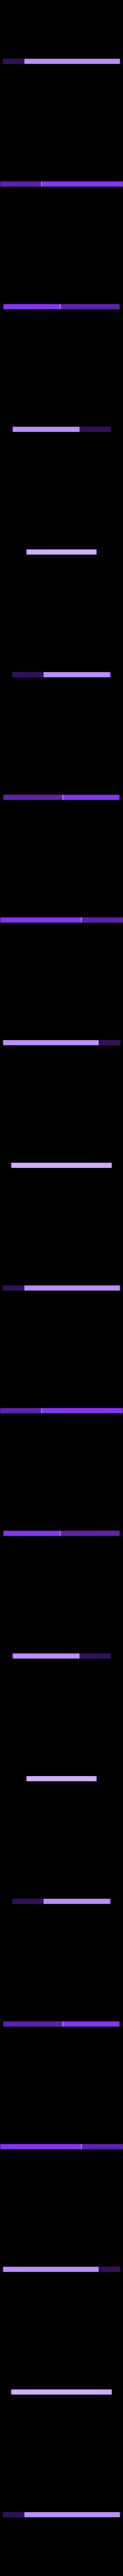 trickortreat.stl Télécharger fichier OBJ gratuit Aimant Trick or Treat • Plan pour impression 3D, MisterDiD